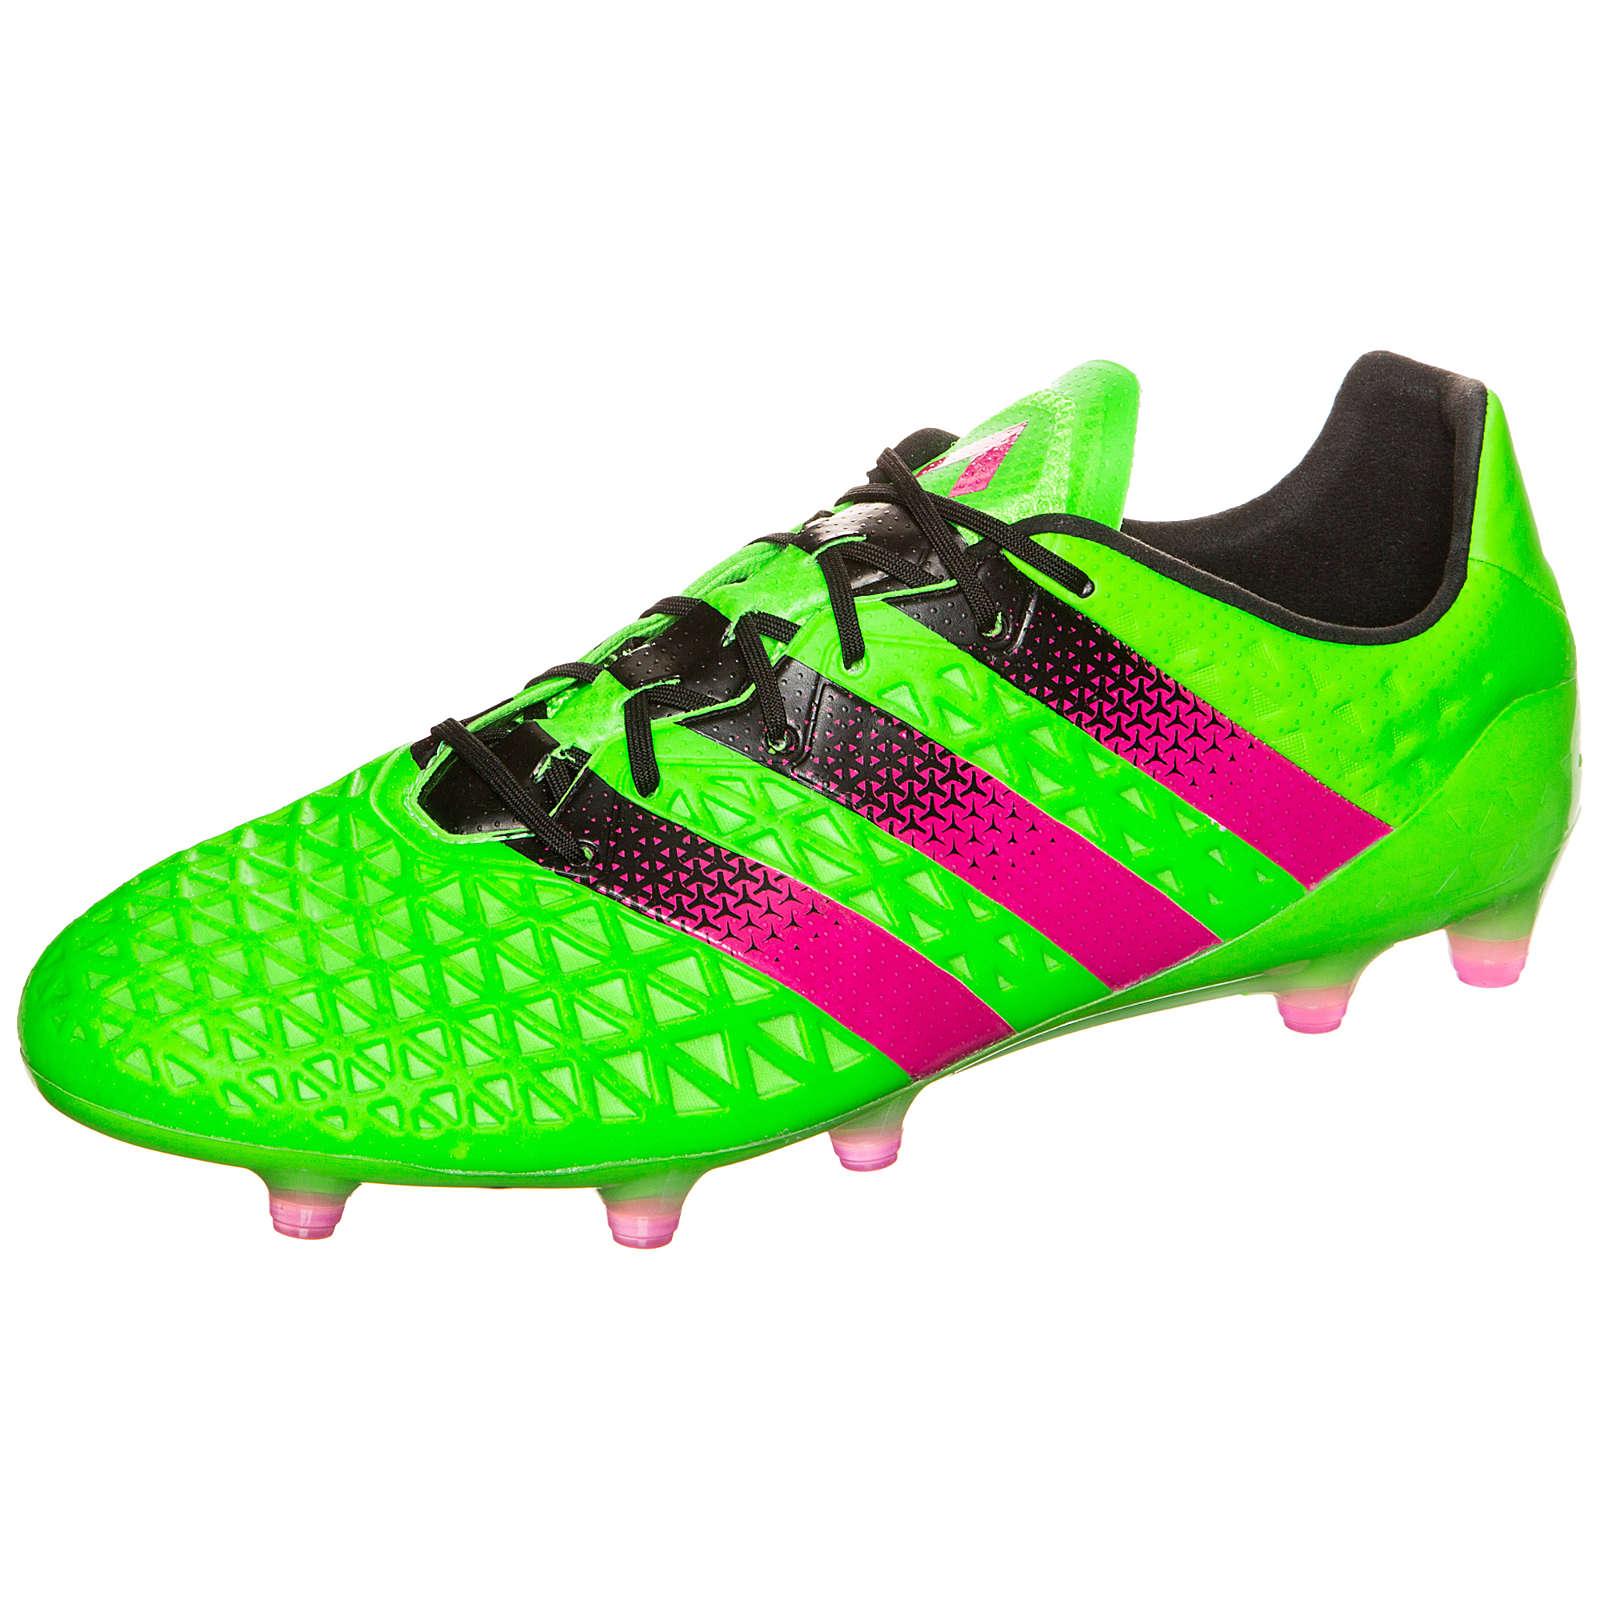 adidas Performance adidas ACE 16.1 FG/AG Fußballschuh grün Herren Gr. 42